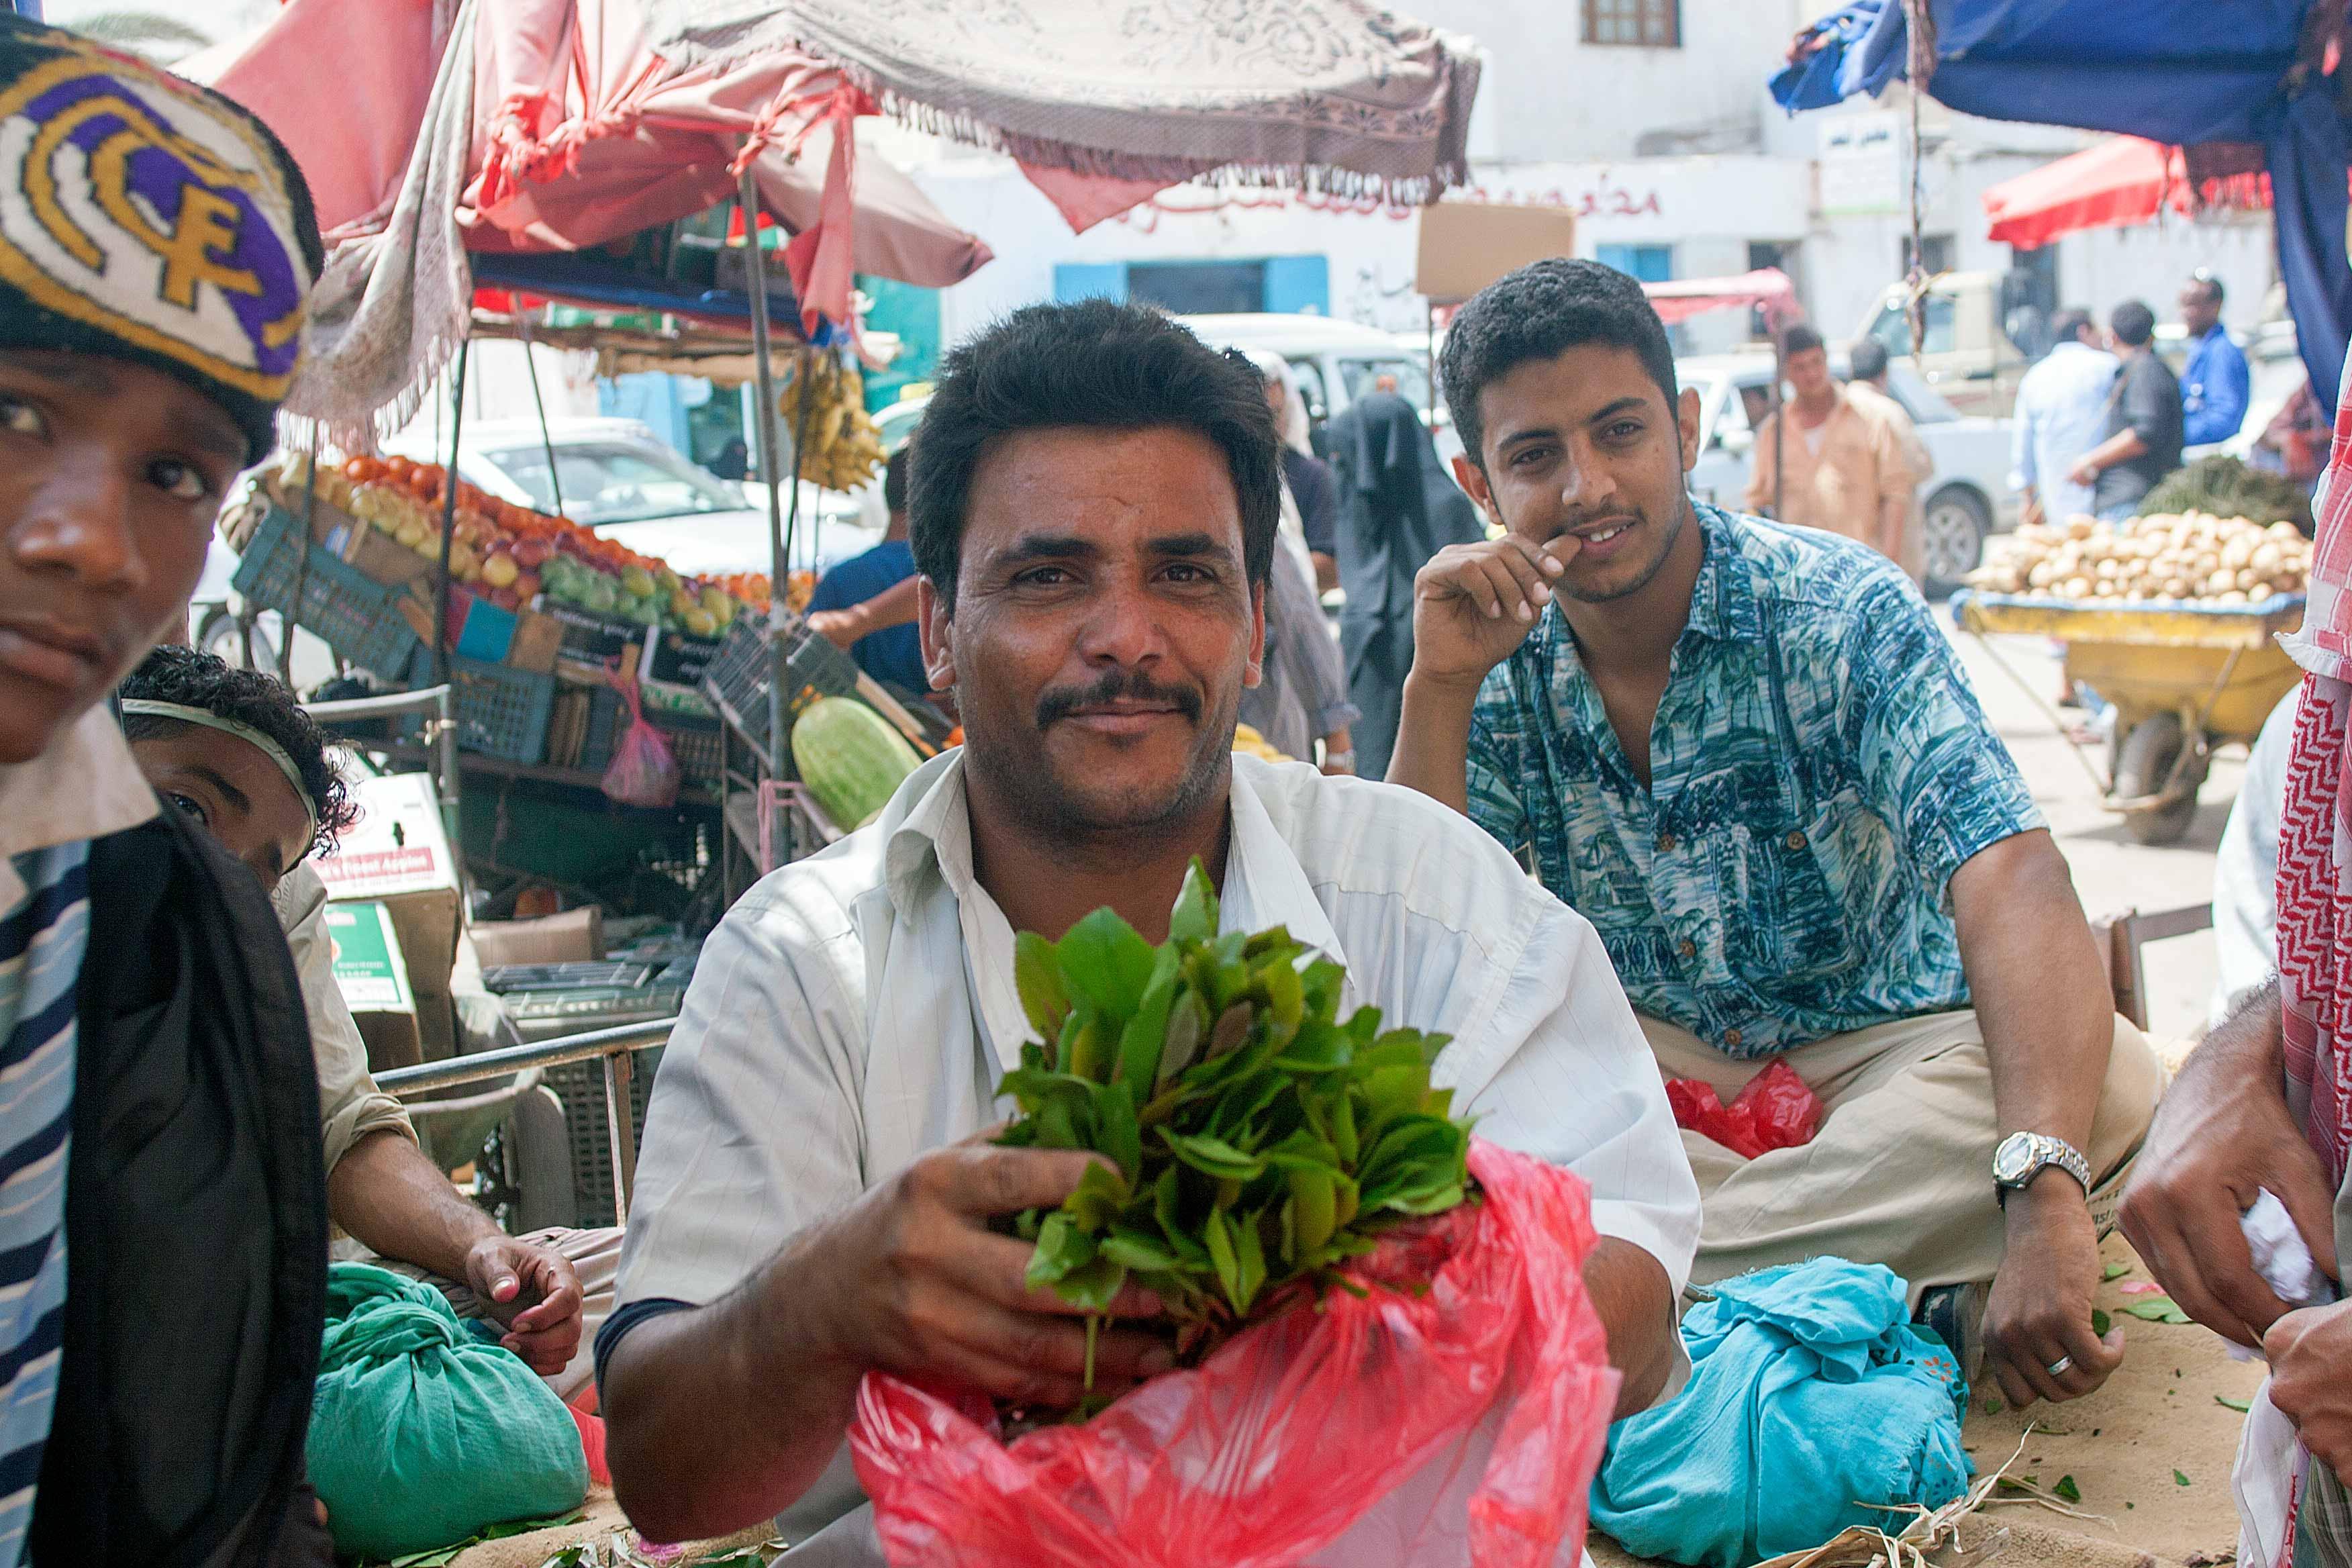 Khat vendor in Aden, Yemen (2011)